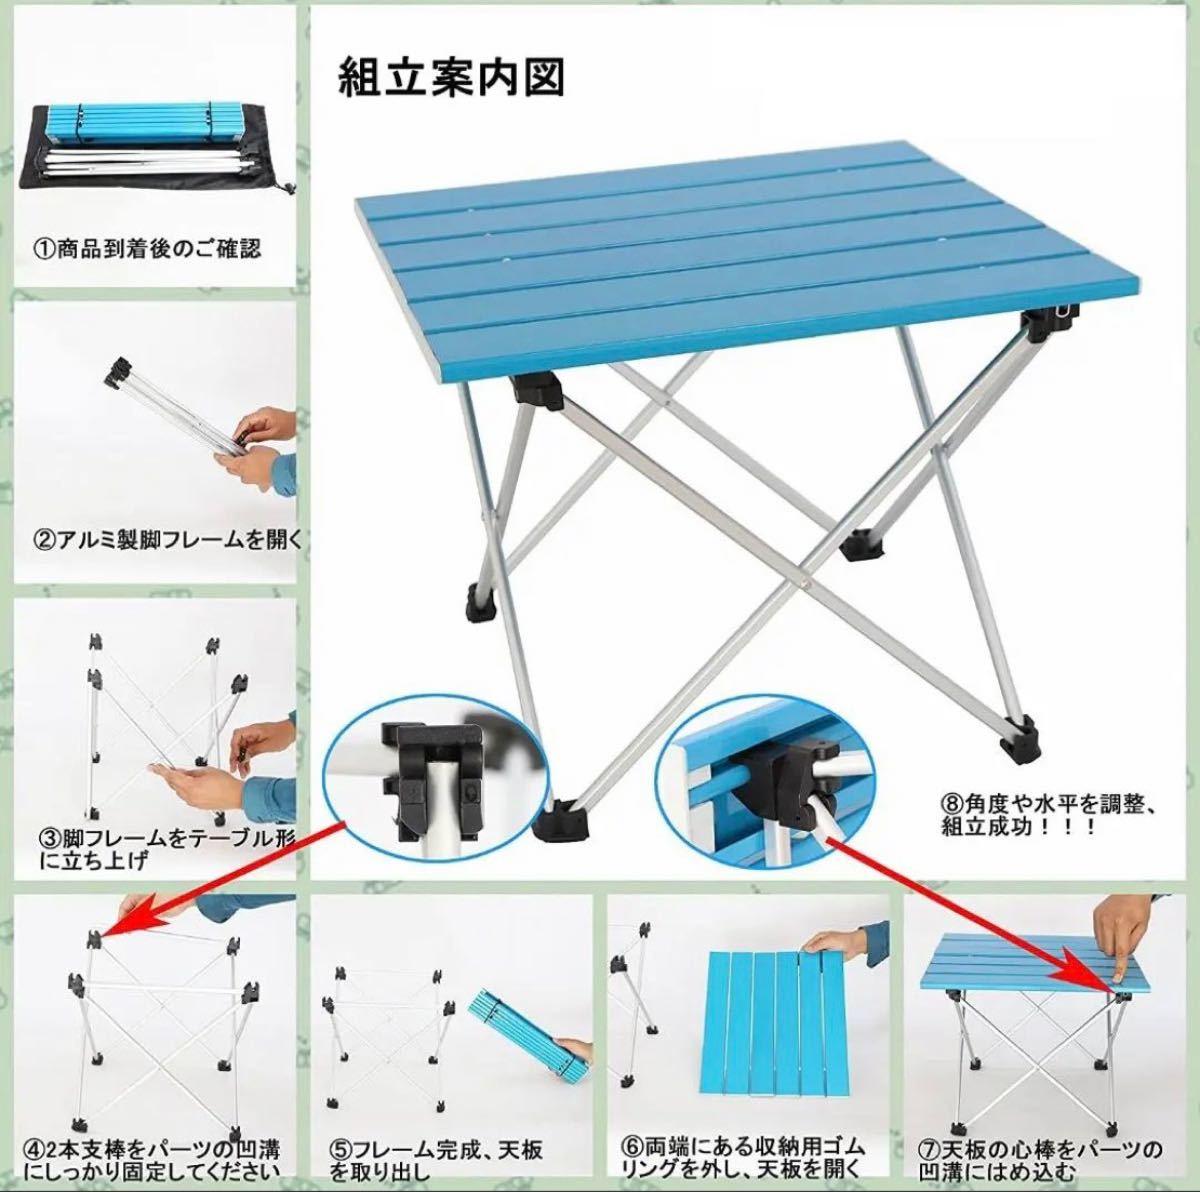 アウトドア テーブル キャンプ  アルミ合金製  軽量  折りたたみ ブルー 簡単組み立て 収納袋付